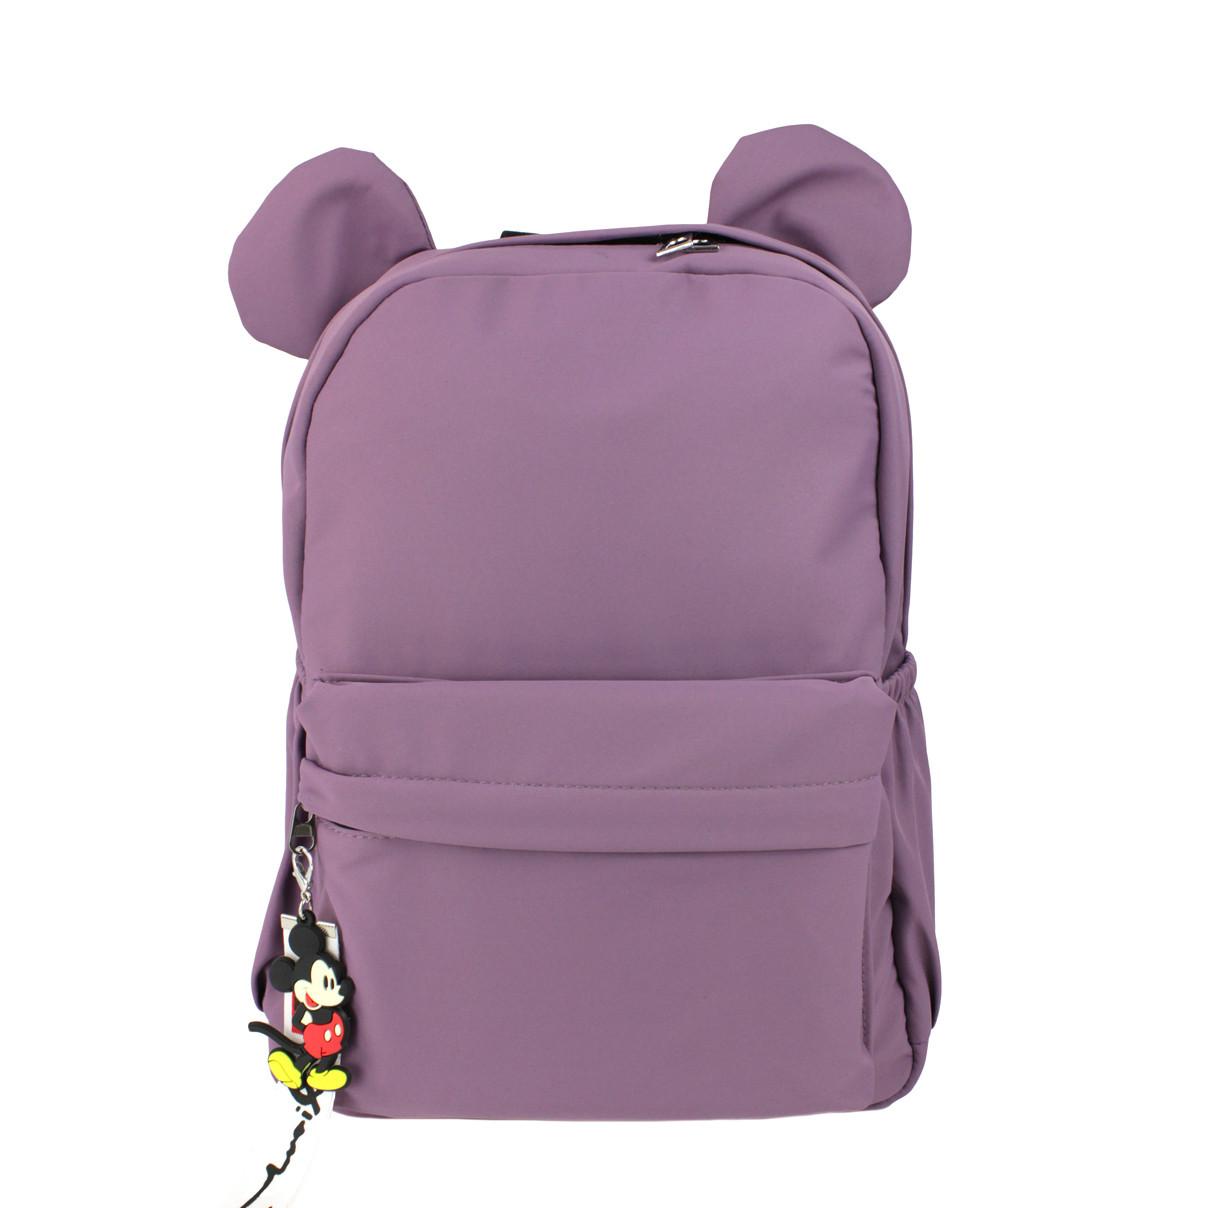 Дитячий фіолетовий рюкзак з вушками для дівчаток